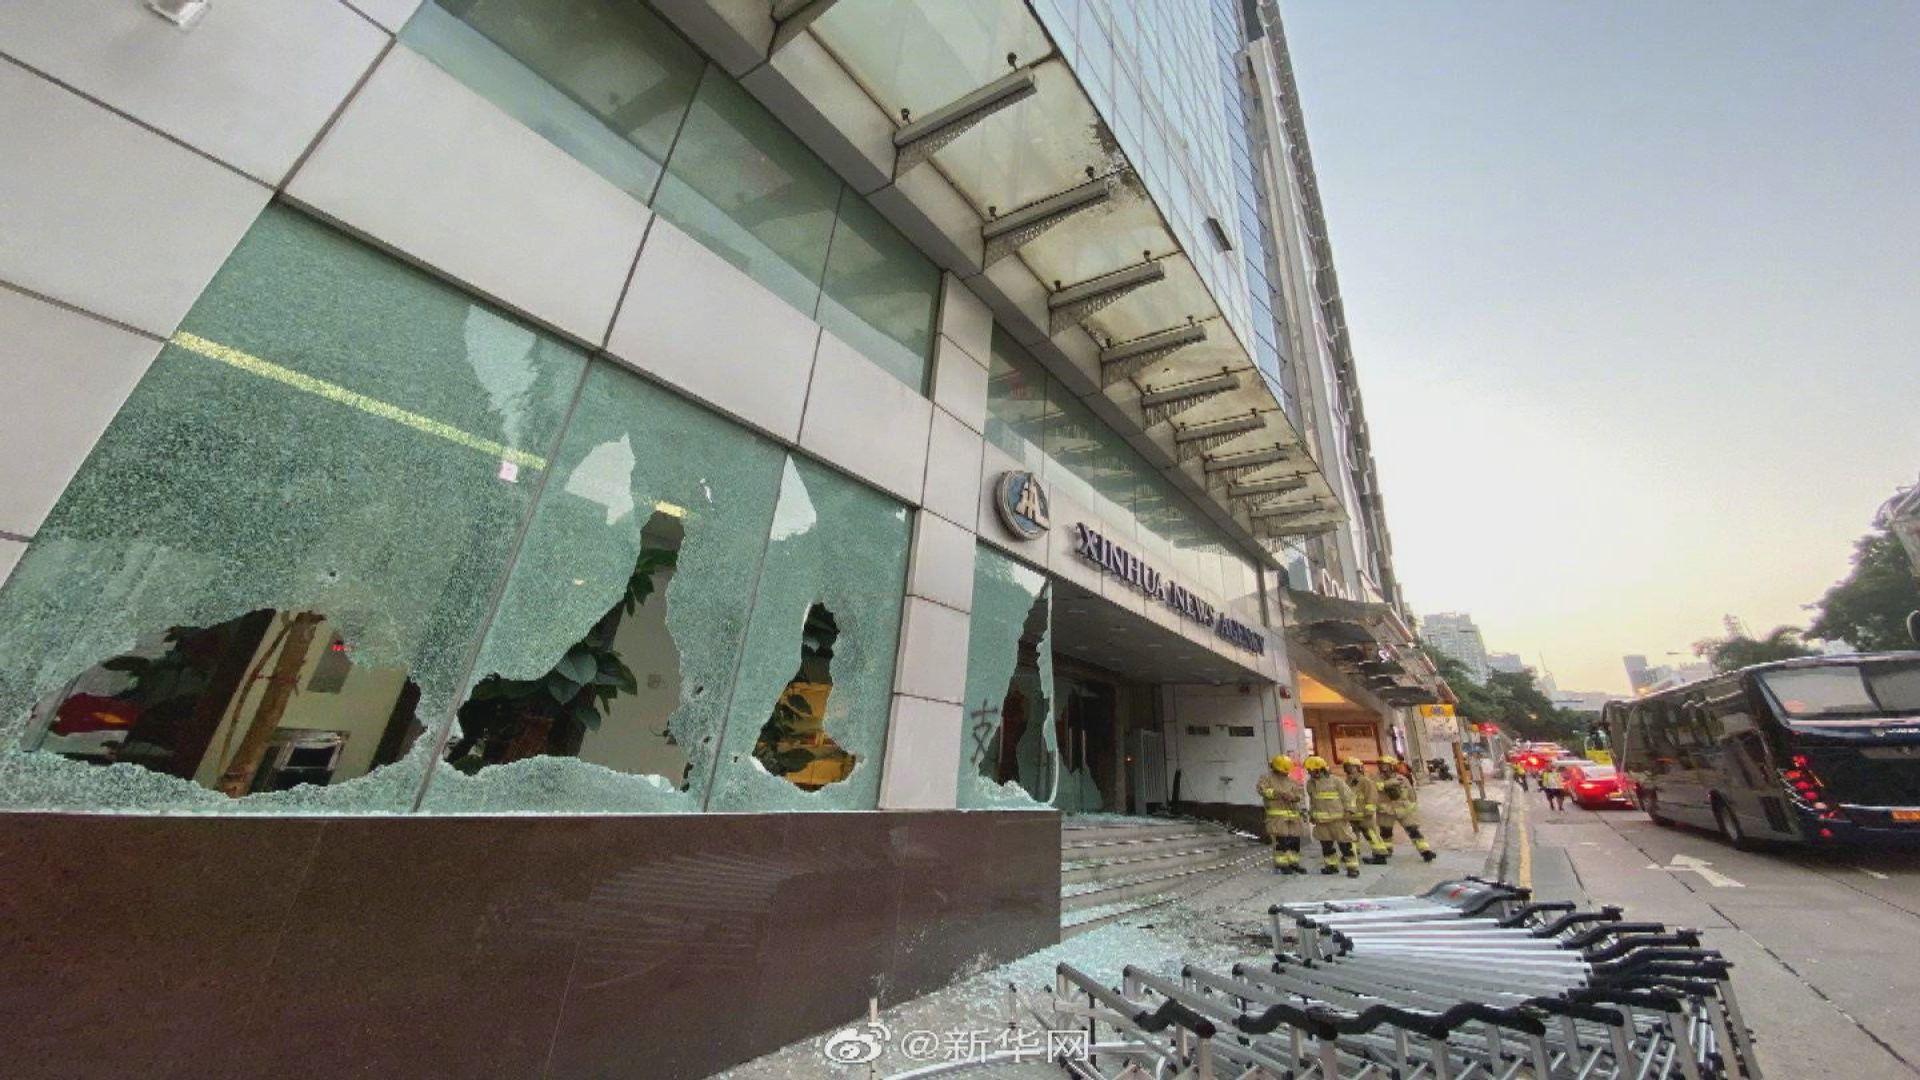 官媒:針對駐港新聞機構破壞是挑釁